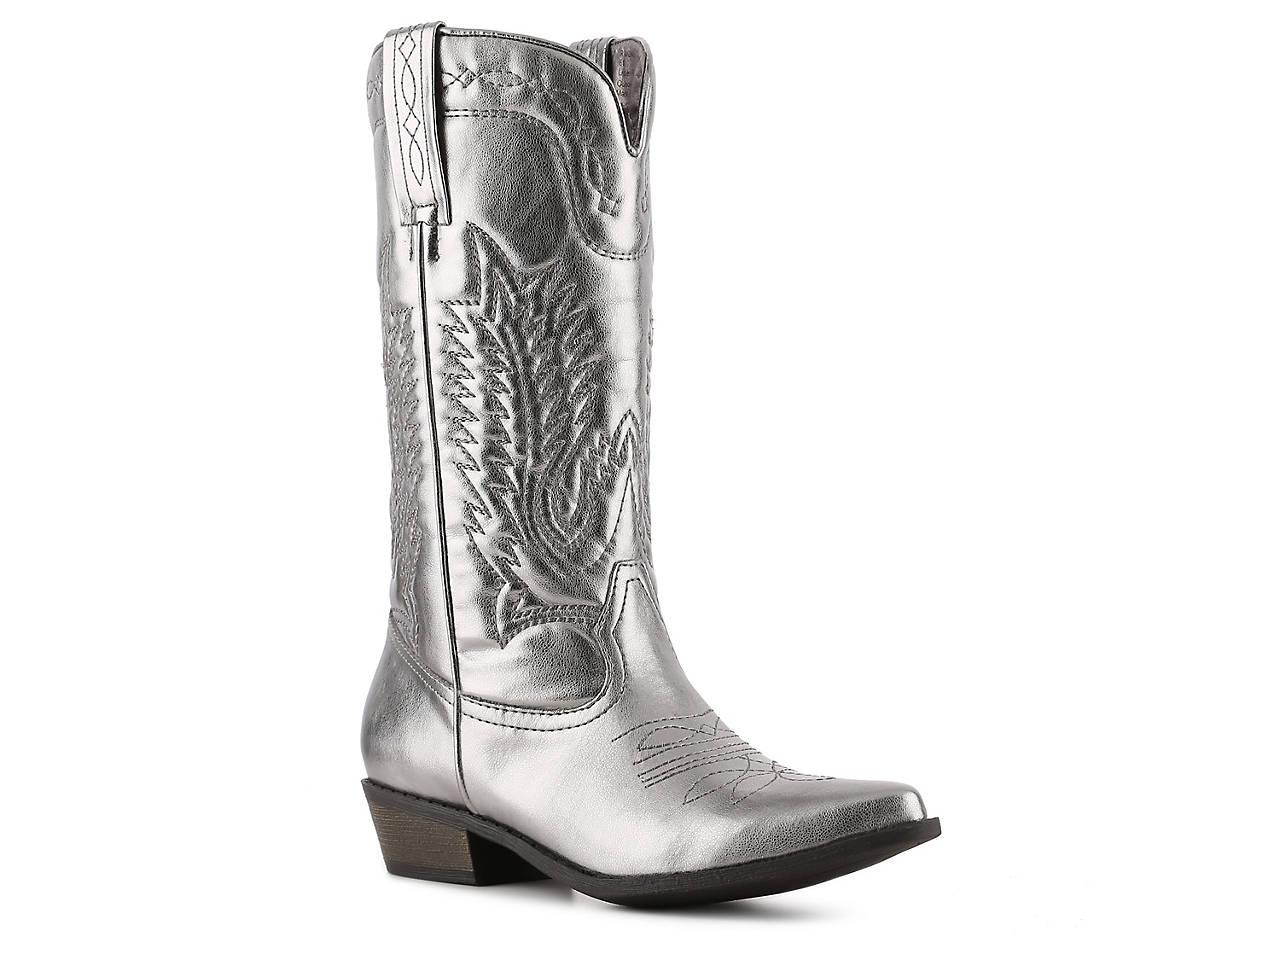 58d0331f5c4356 Coconuts Rancho Metallic Cowboy Boot Women s Shoes